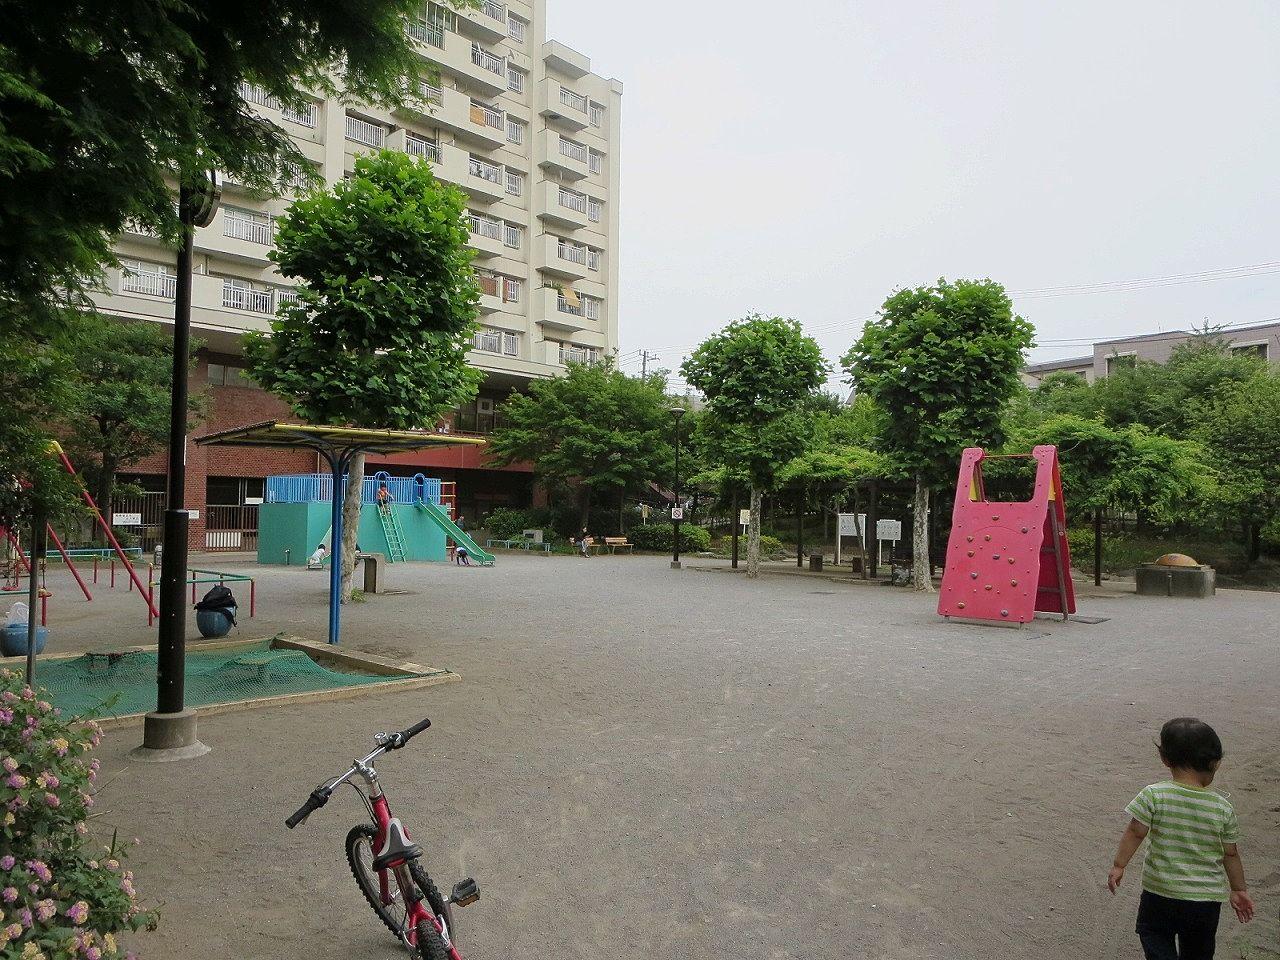 電車が展示されている文京区の公園。文京区の賃貸不動産ドリームハウス